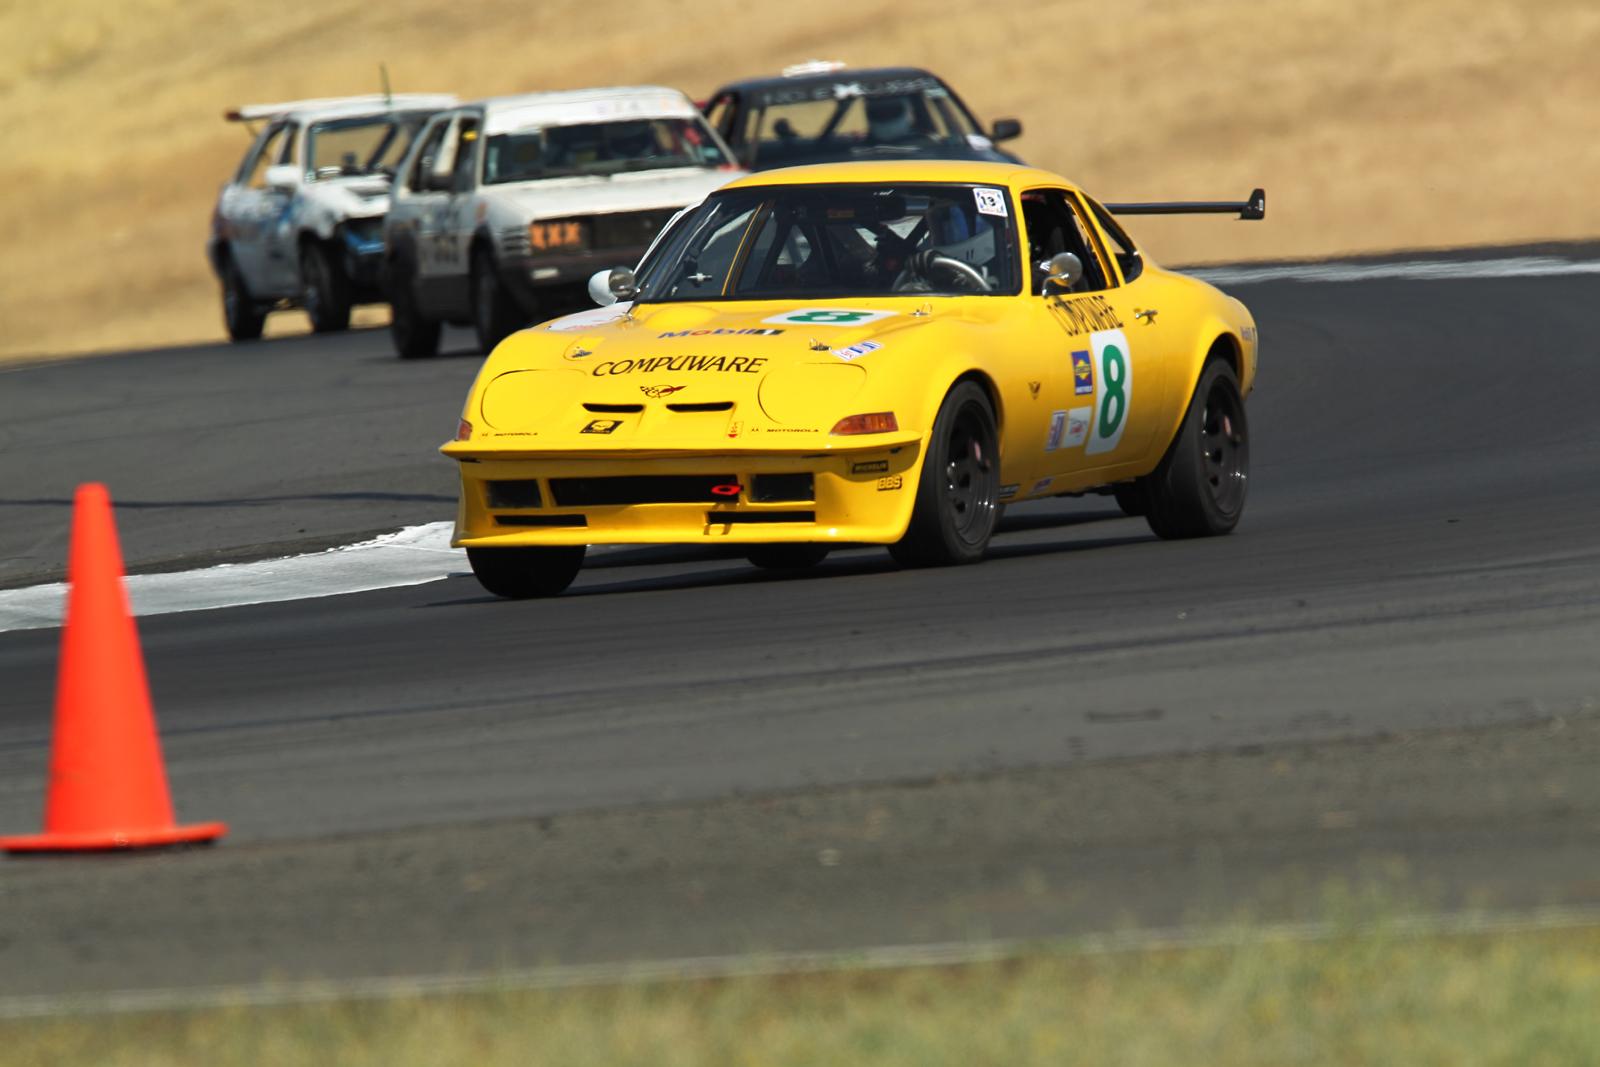 $500 race GT (was:New guy, bought an Opel GT)